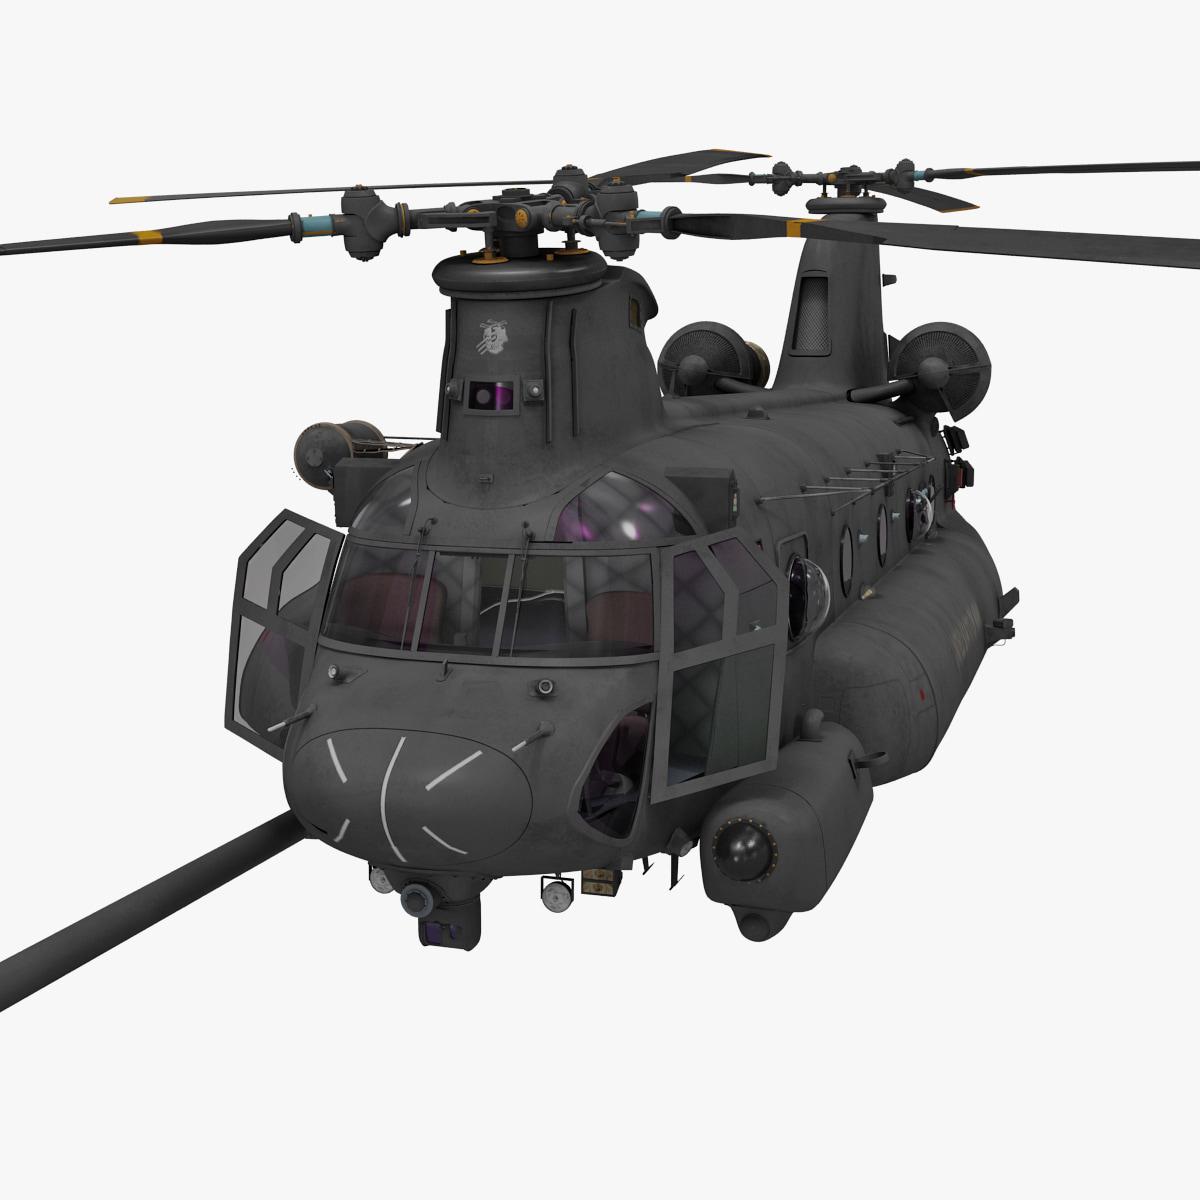 MH 47 Chinook 2_3.jpg